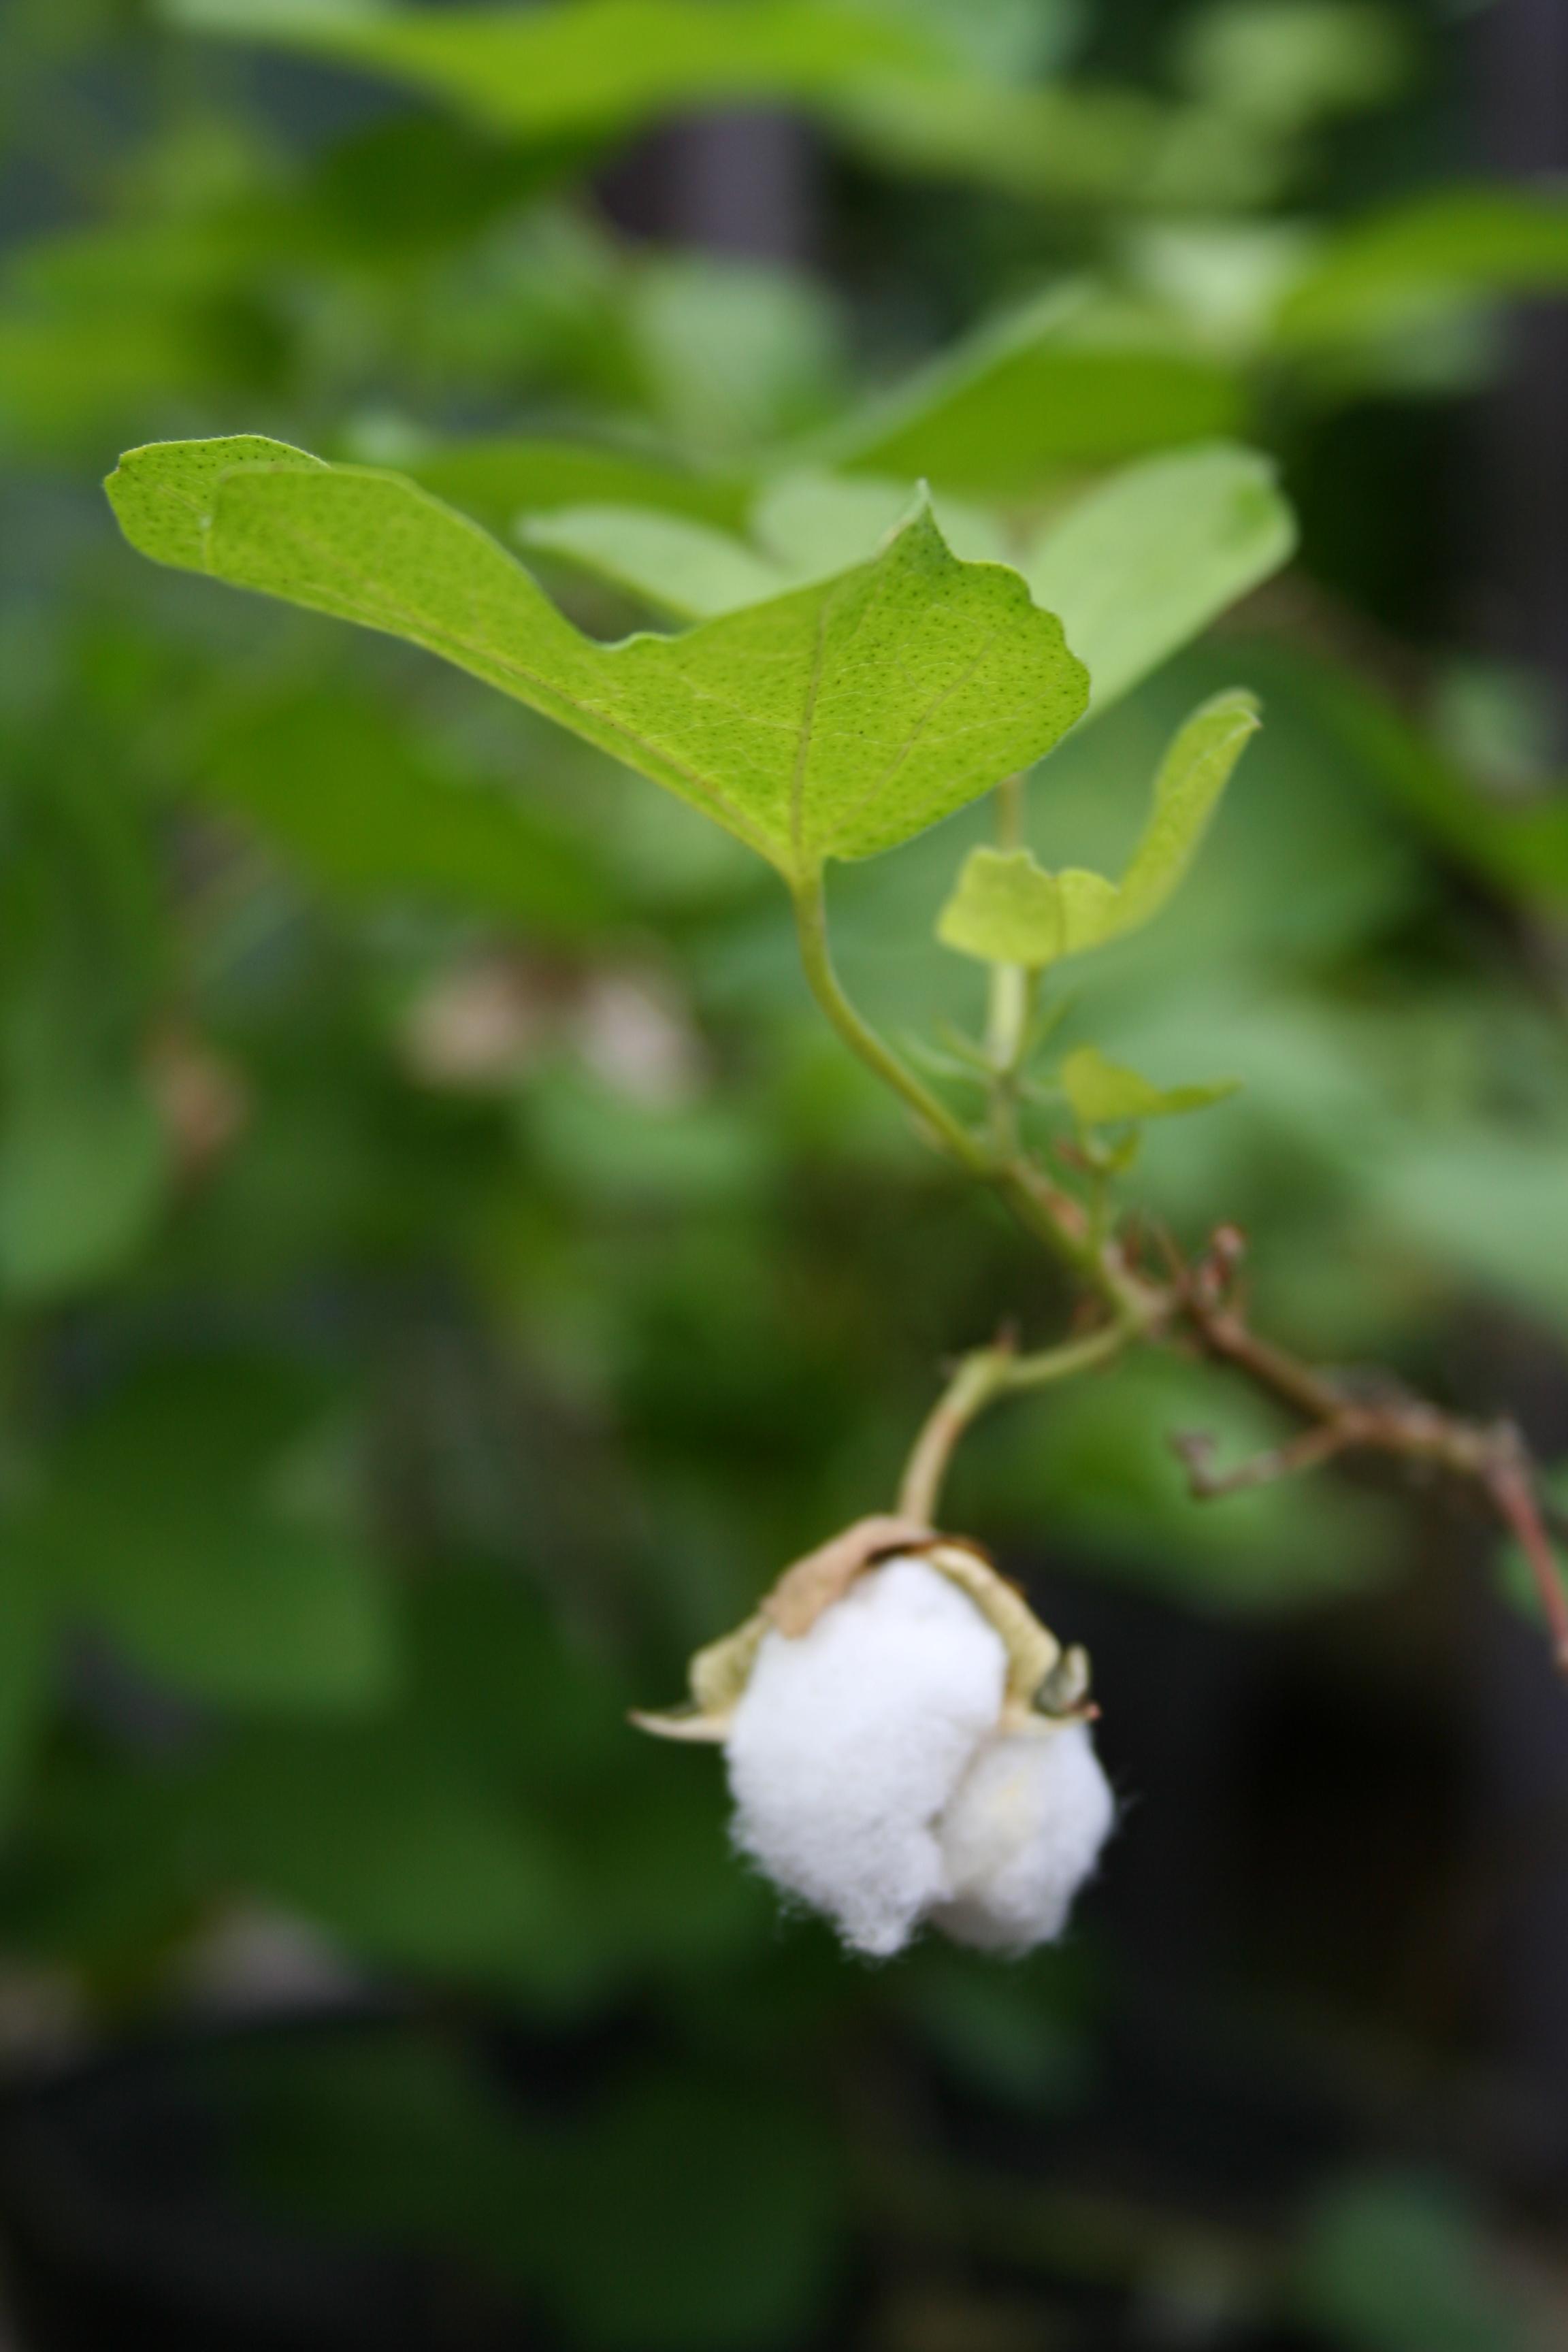 Yard, Garden & Outdoor Living Gossypium Herbaceum ????10 Graines De Cotonnier